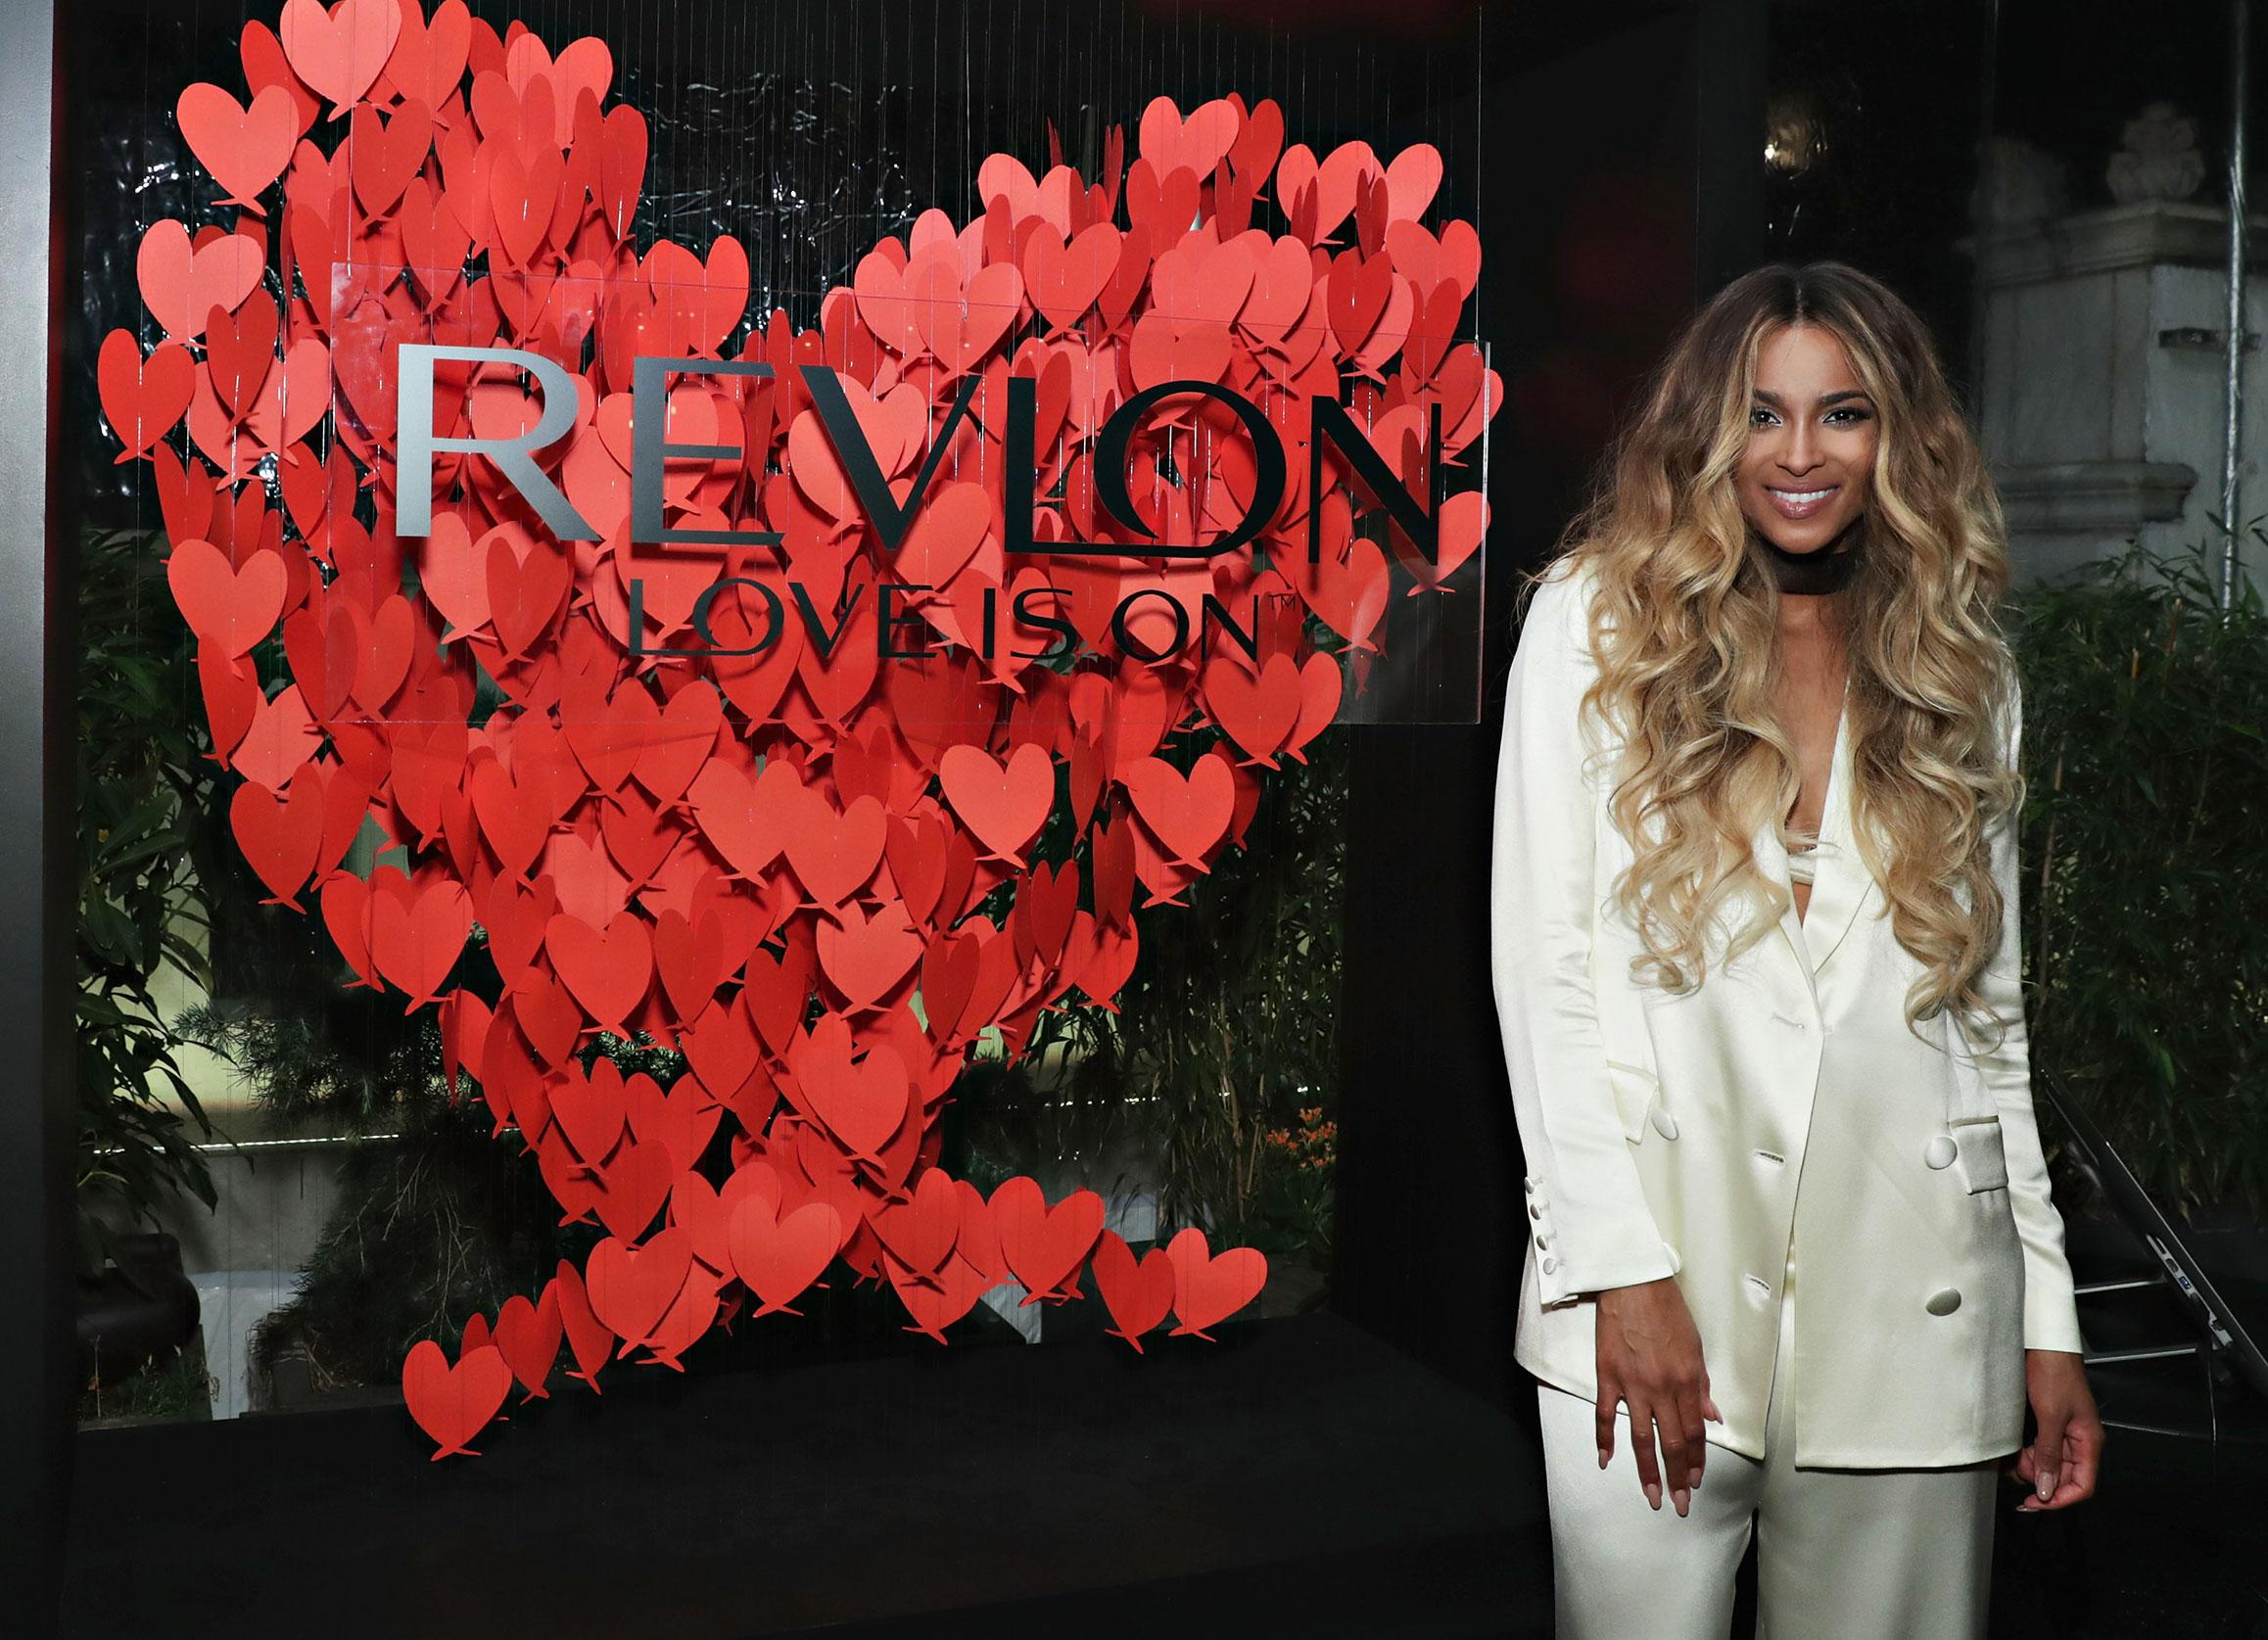 La cantante y bailarina Ciara, nueva embajadora Revlon